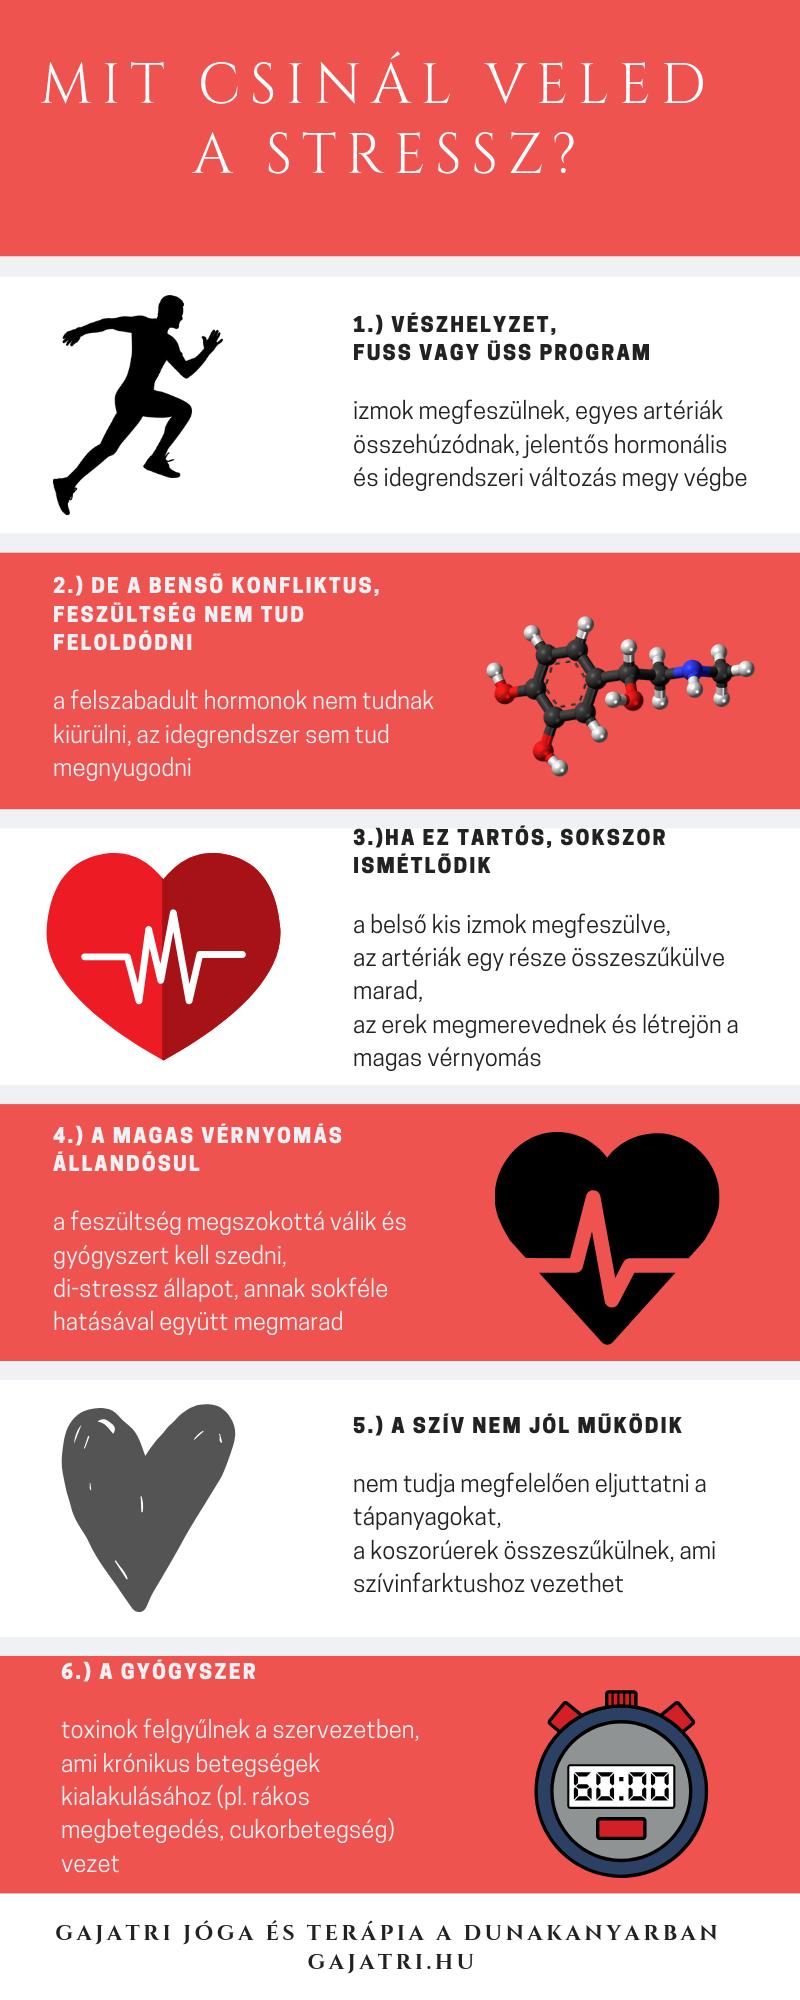 magas vérnyomás levegőhiány a magas vérnyomás elleni gyógyszer